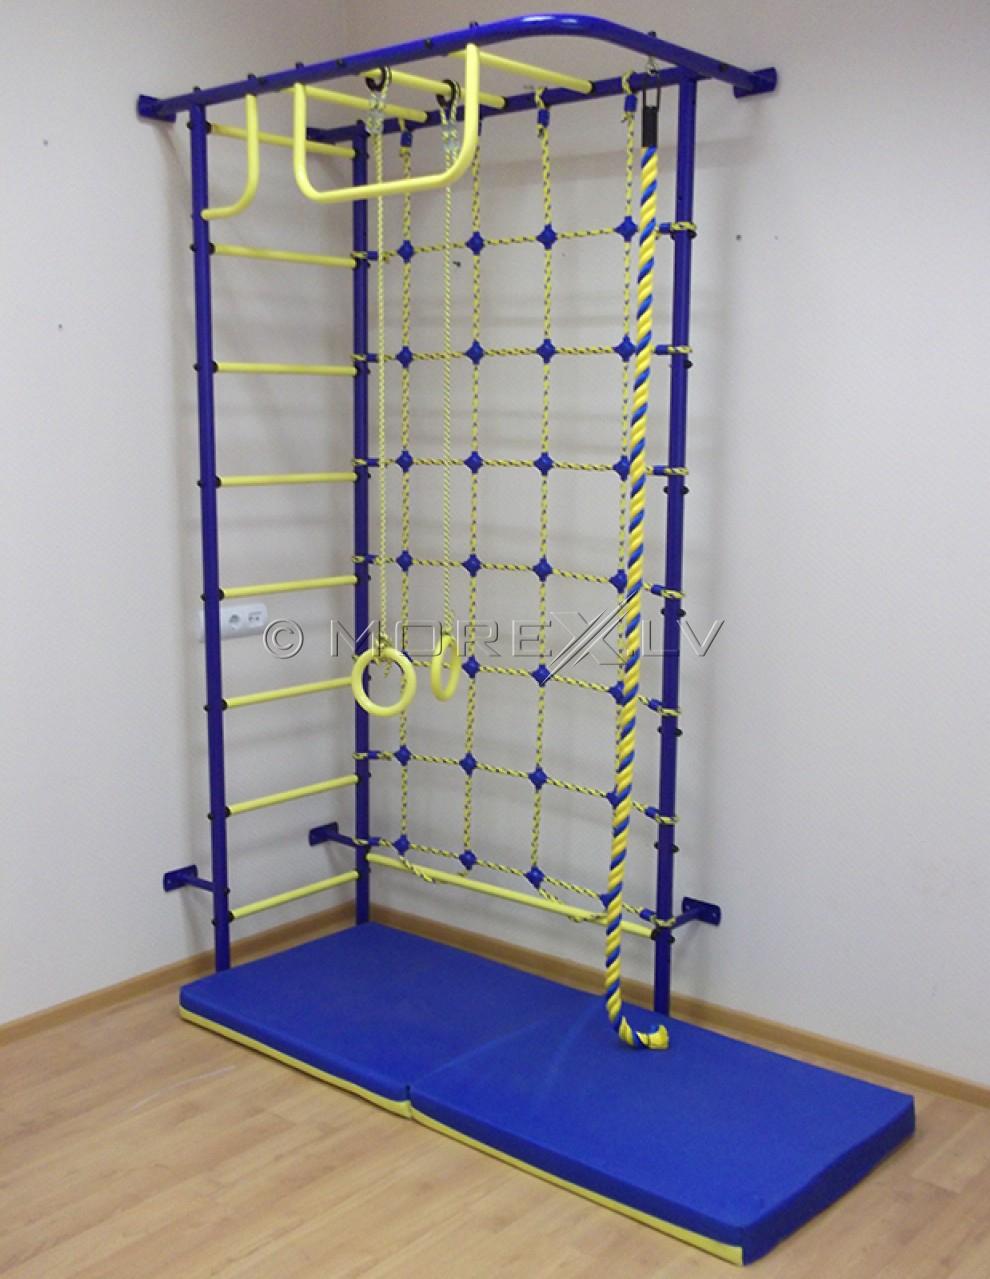 Švediškos sienelės Pioner-8 blue-yellow (swedish wall)